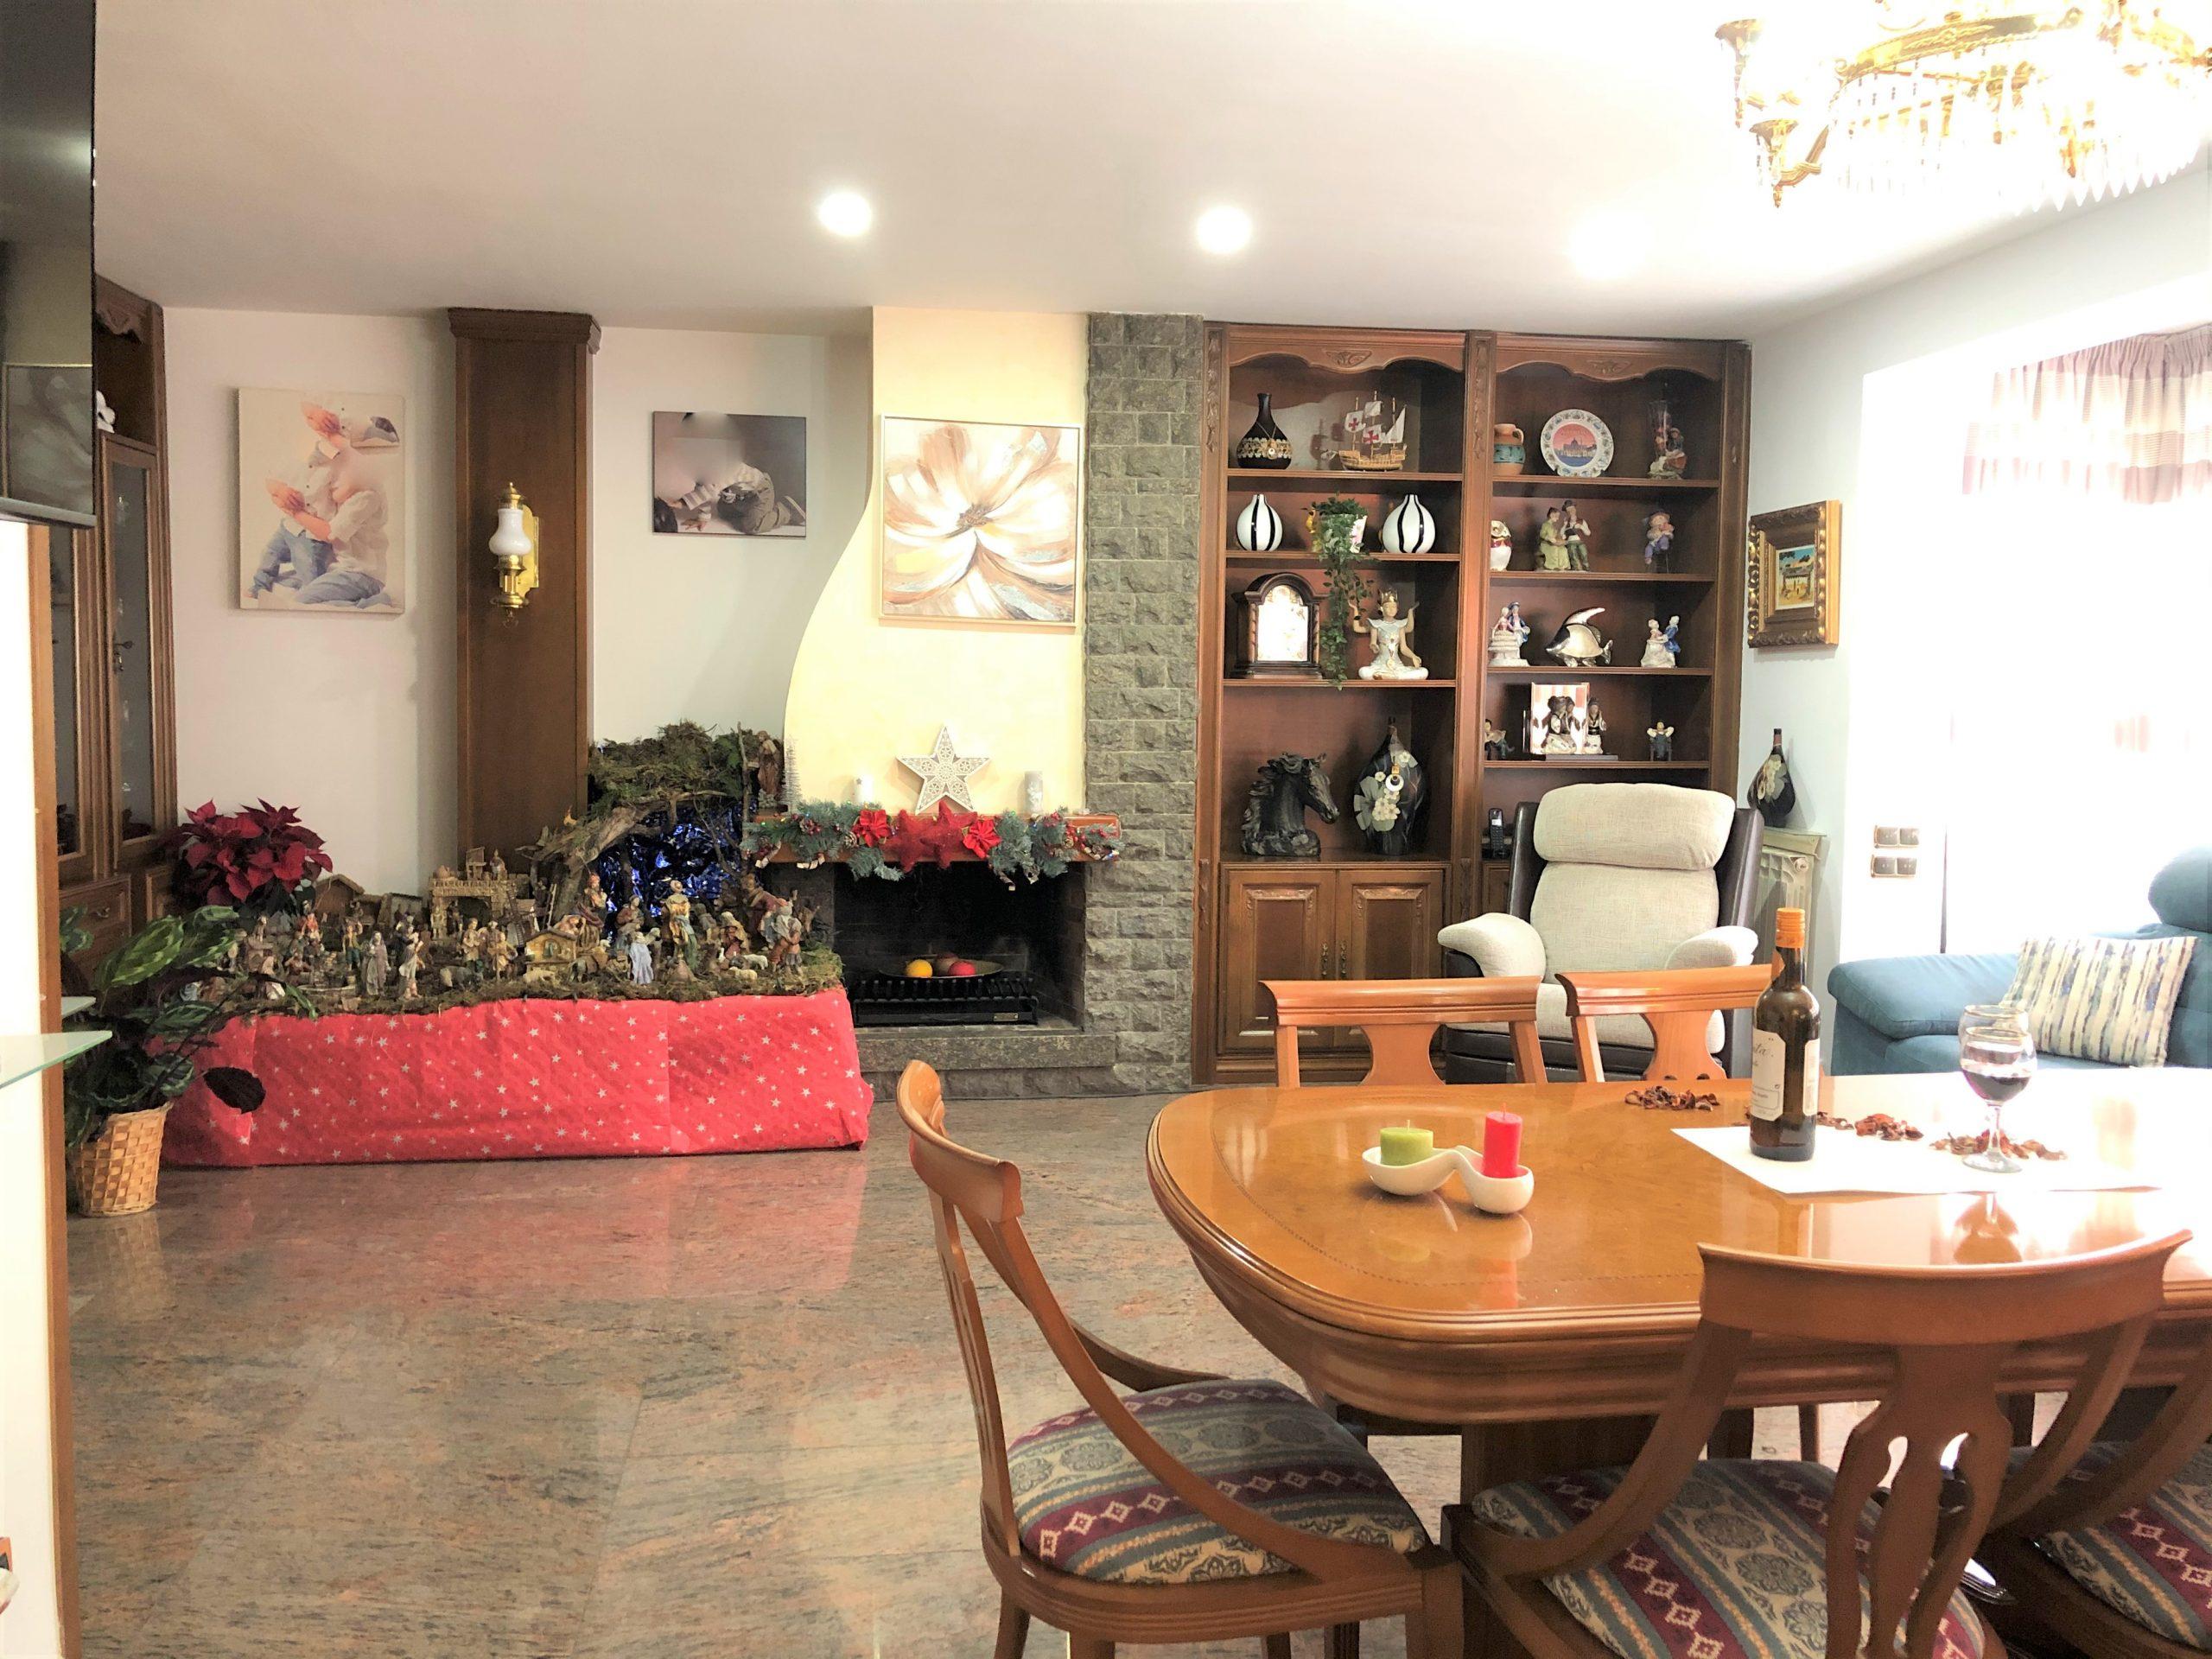 Amplio piso en Roc Blanc, reformado en 2018